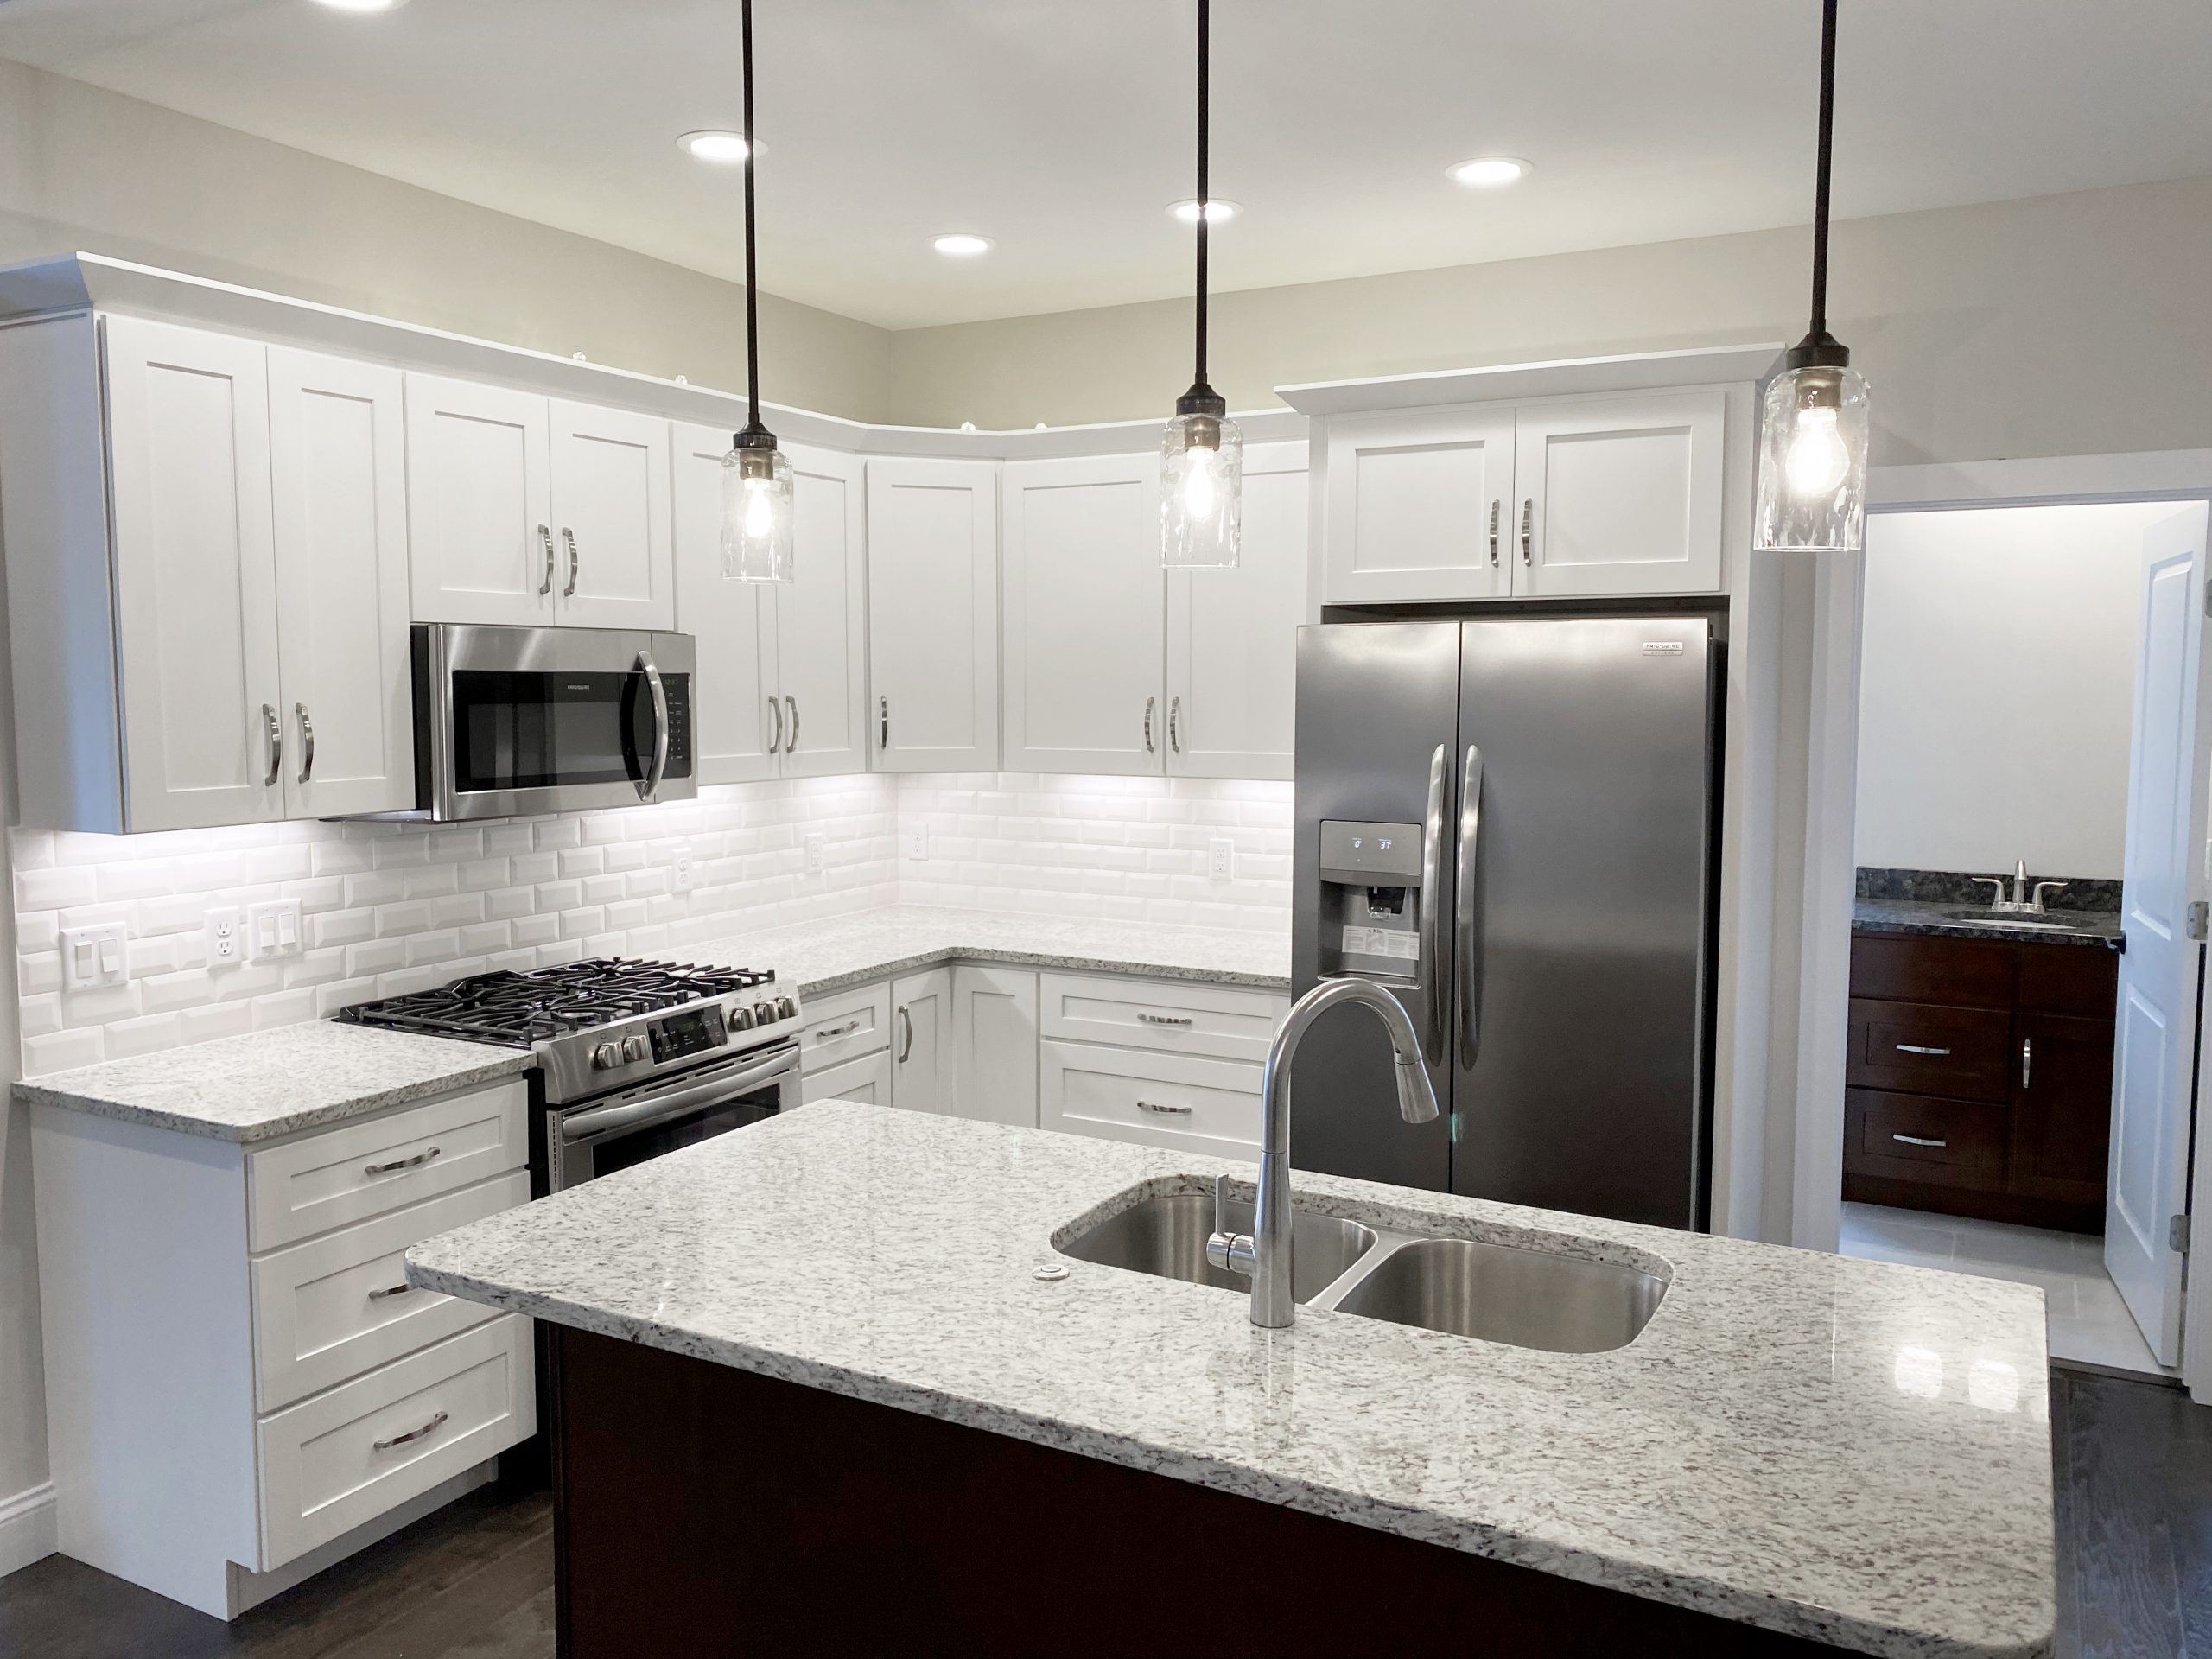 condominium kitchen